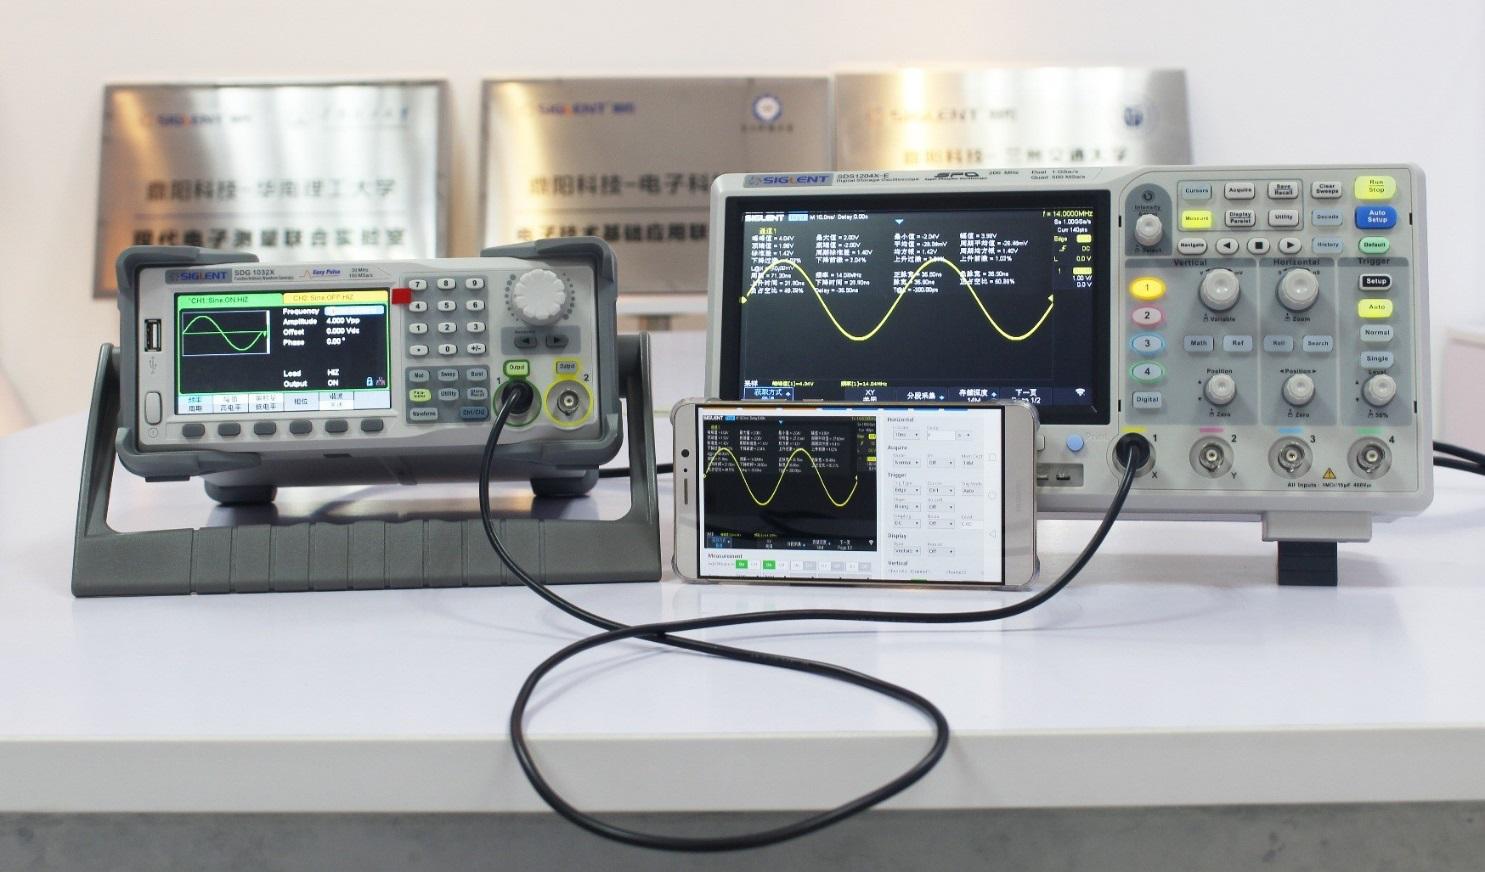 SDS1000X-E系列超级荧光示波器功能之WiFi & Web控制